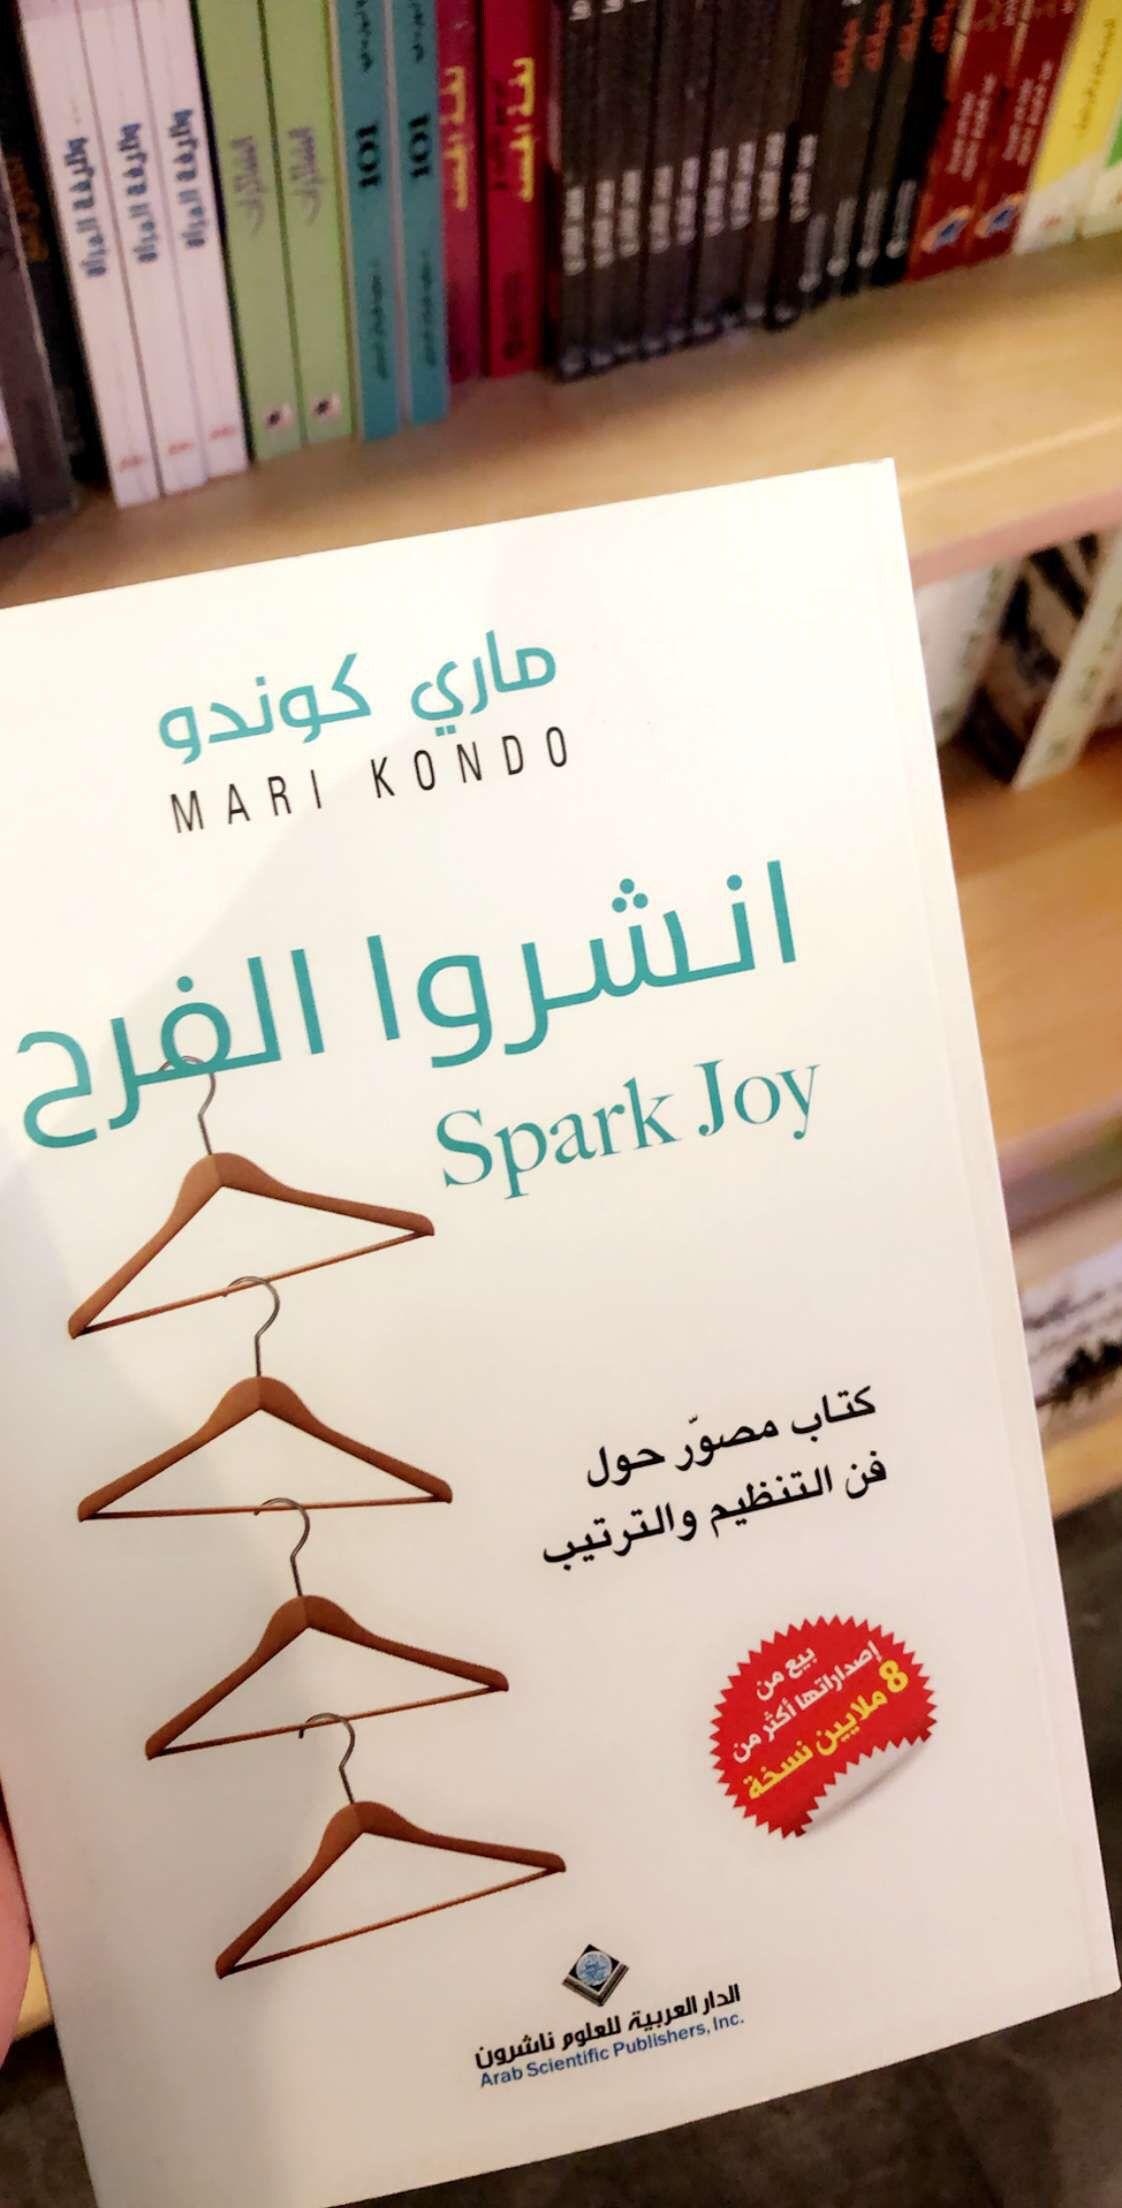 Épinglé par It's ayabee sur Arabe ♥ en 2020   Listes de livres, Livres à  lire, Livre de lecture